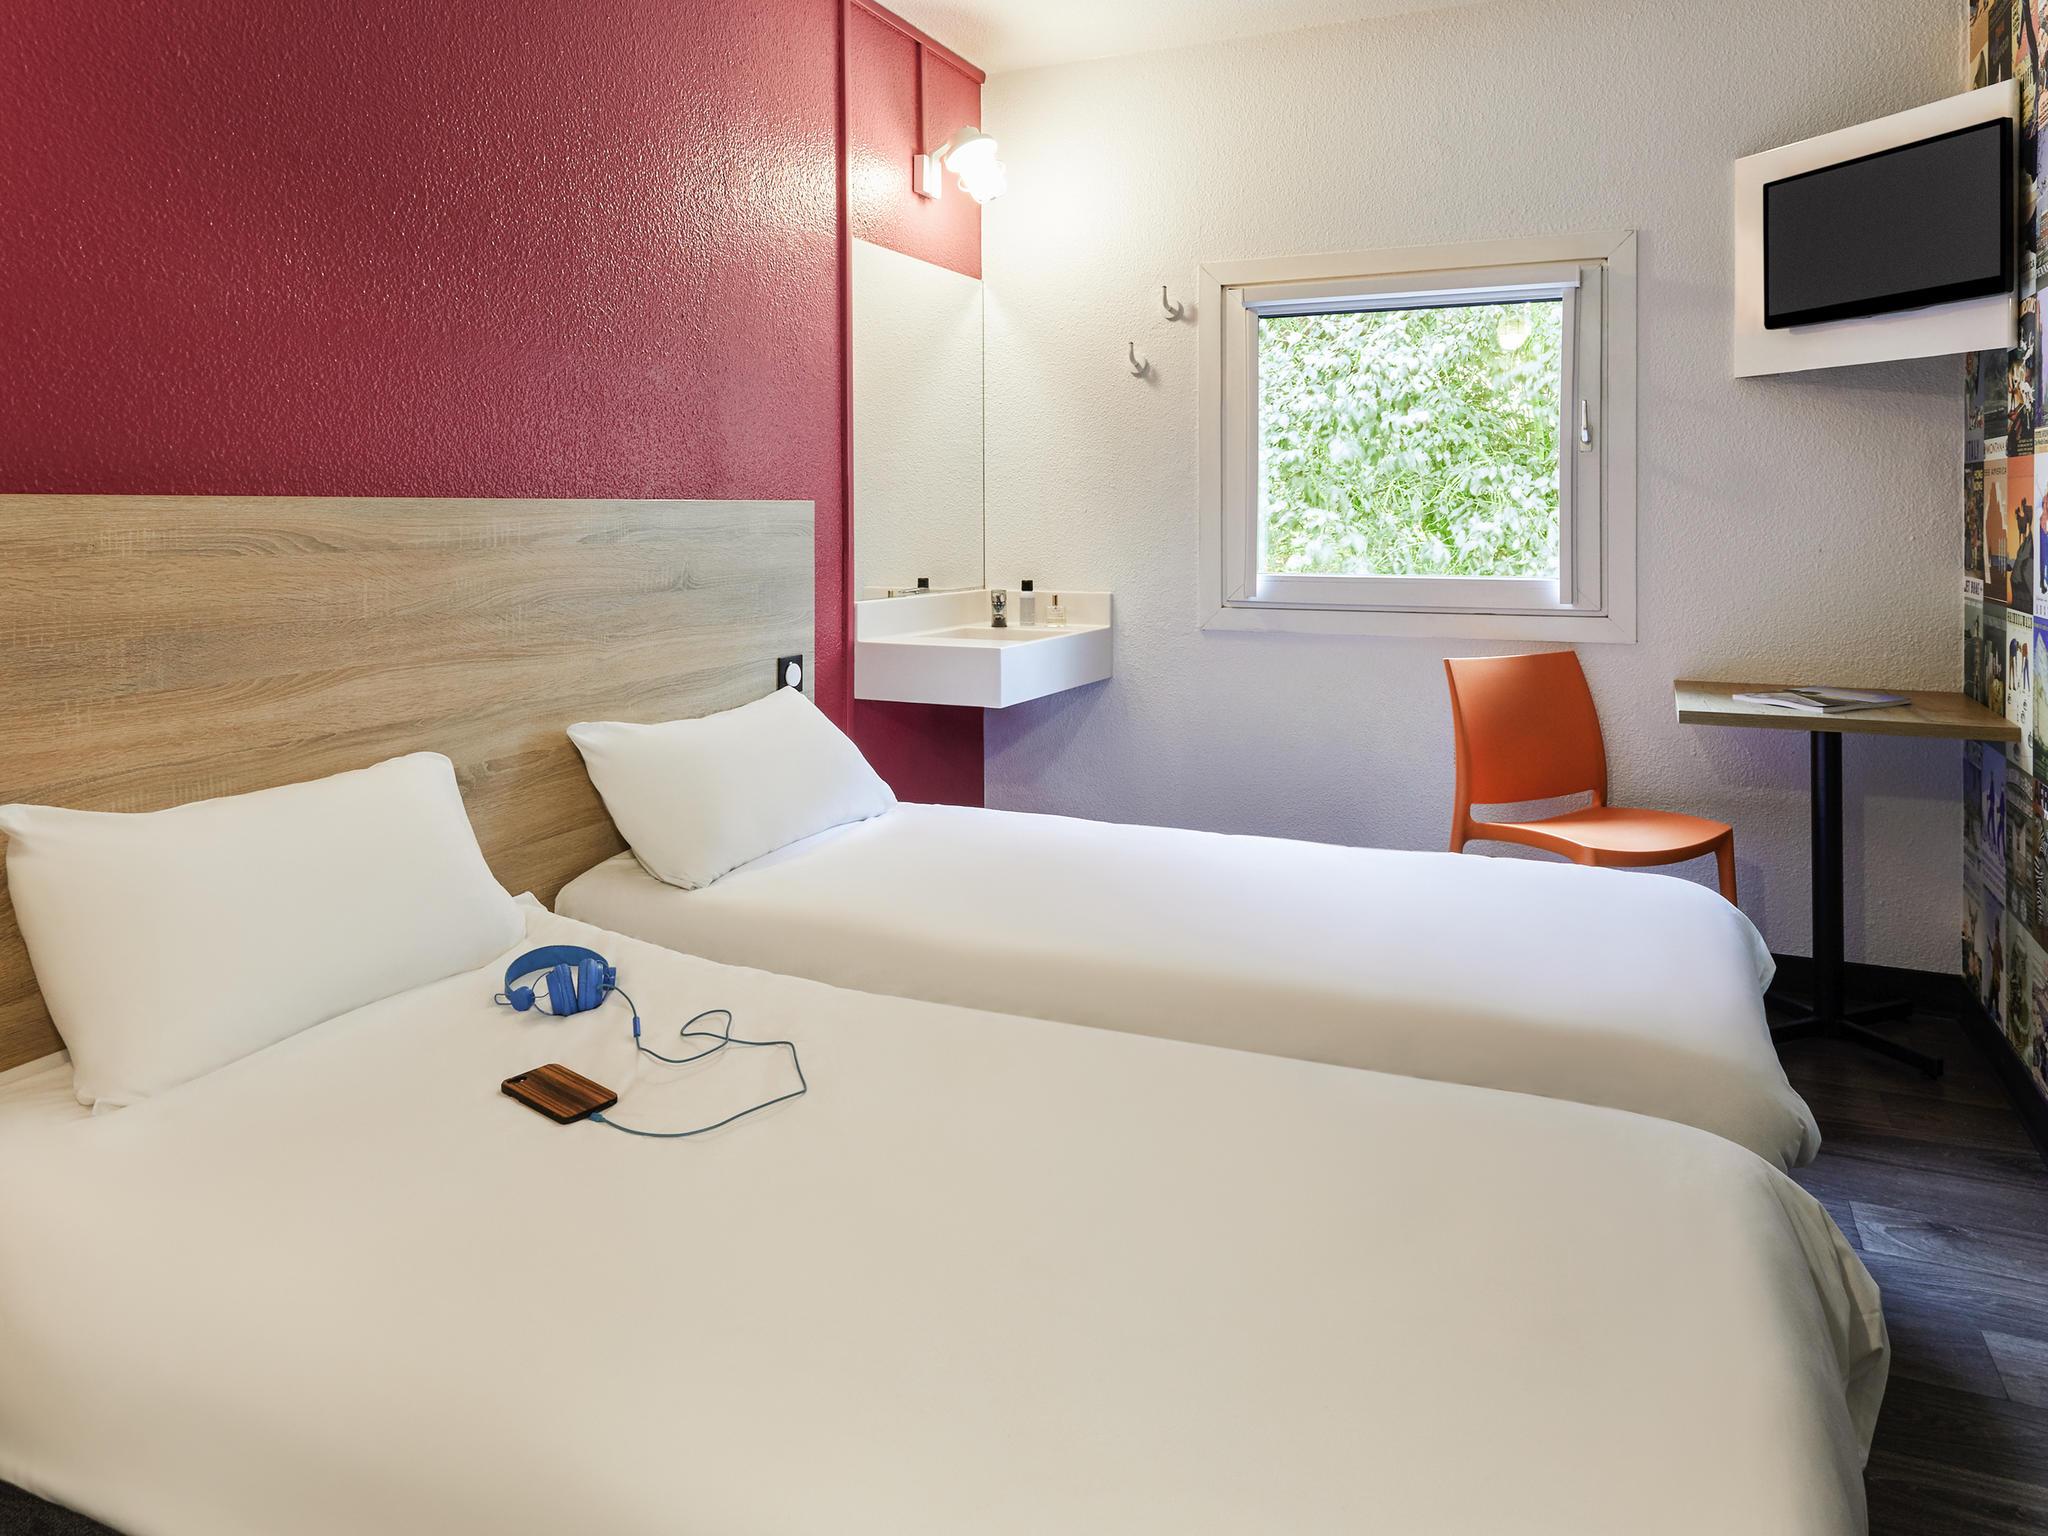 فندق - hotelF1 Saint-Étienne (rénové)